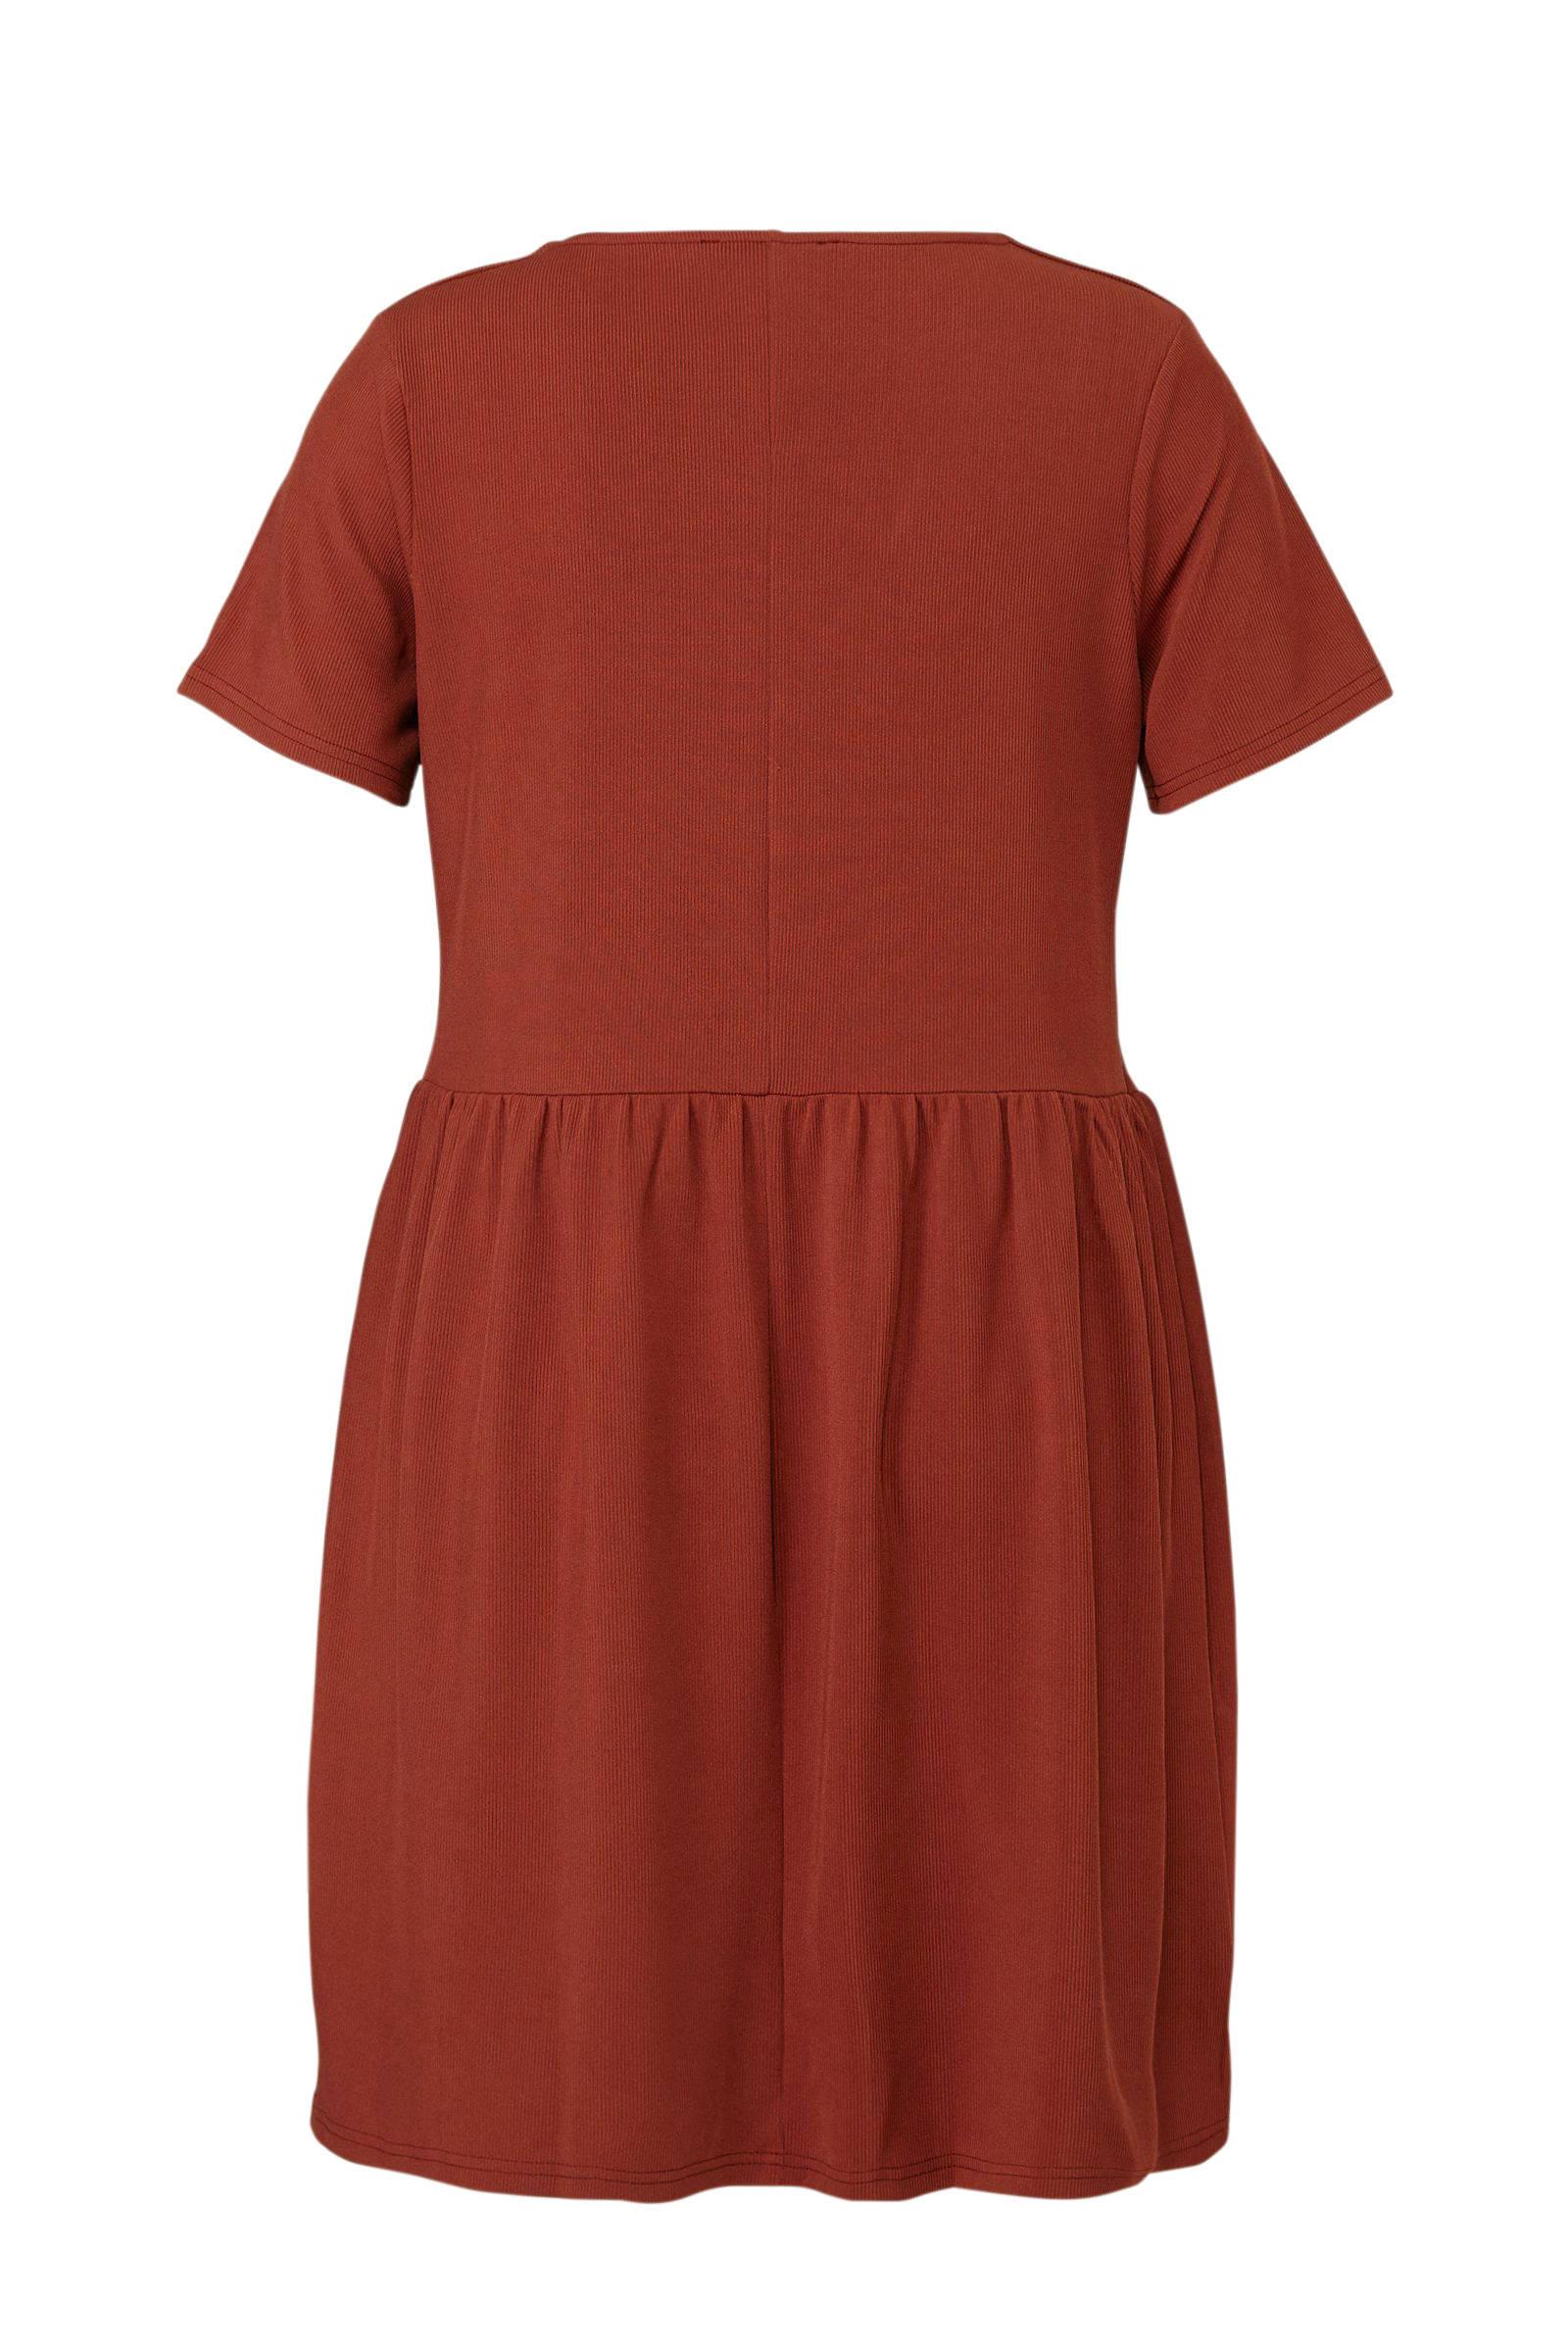 Simply jurk met details knoop Be 0R0x8P